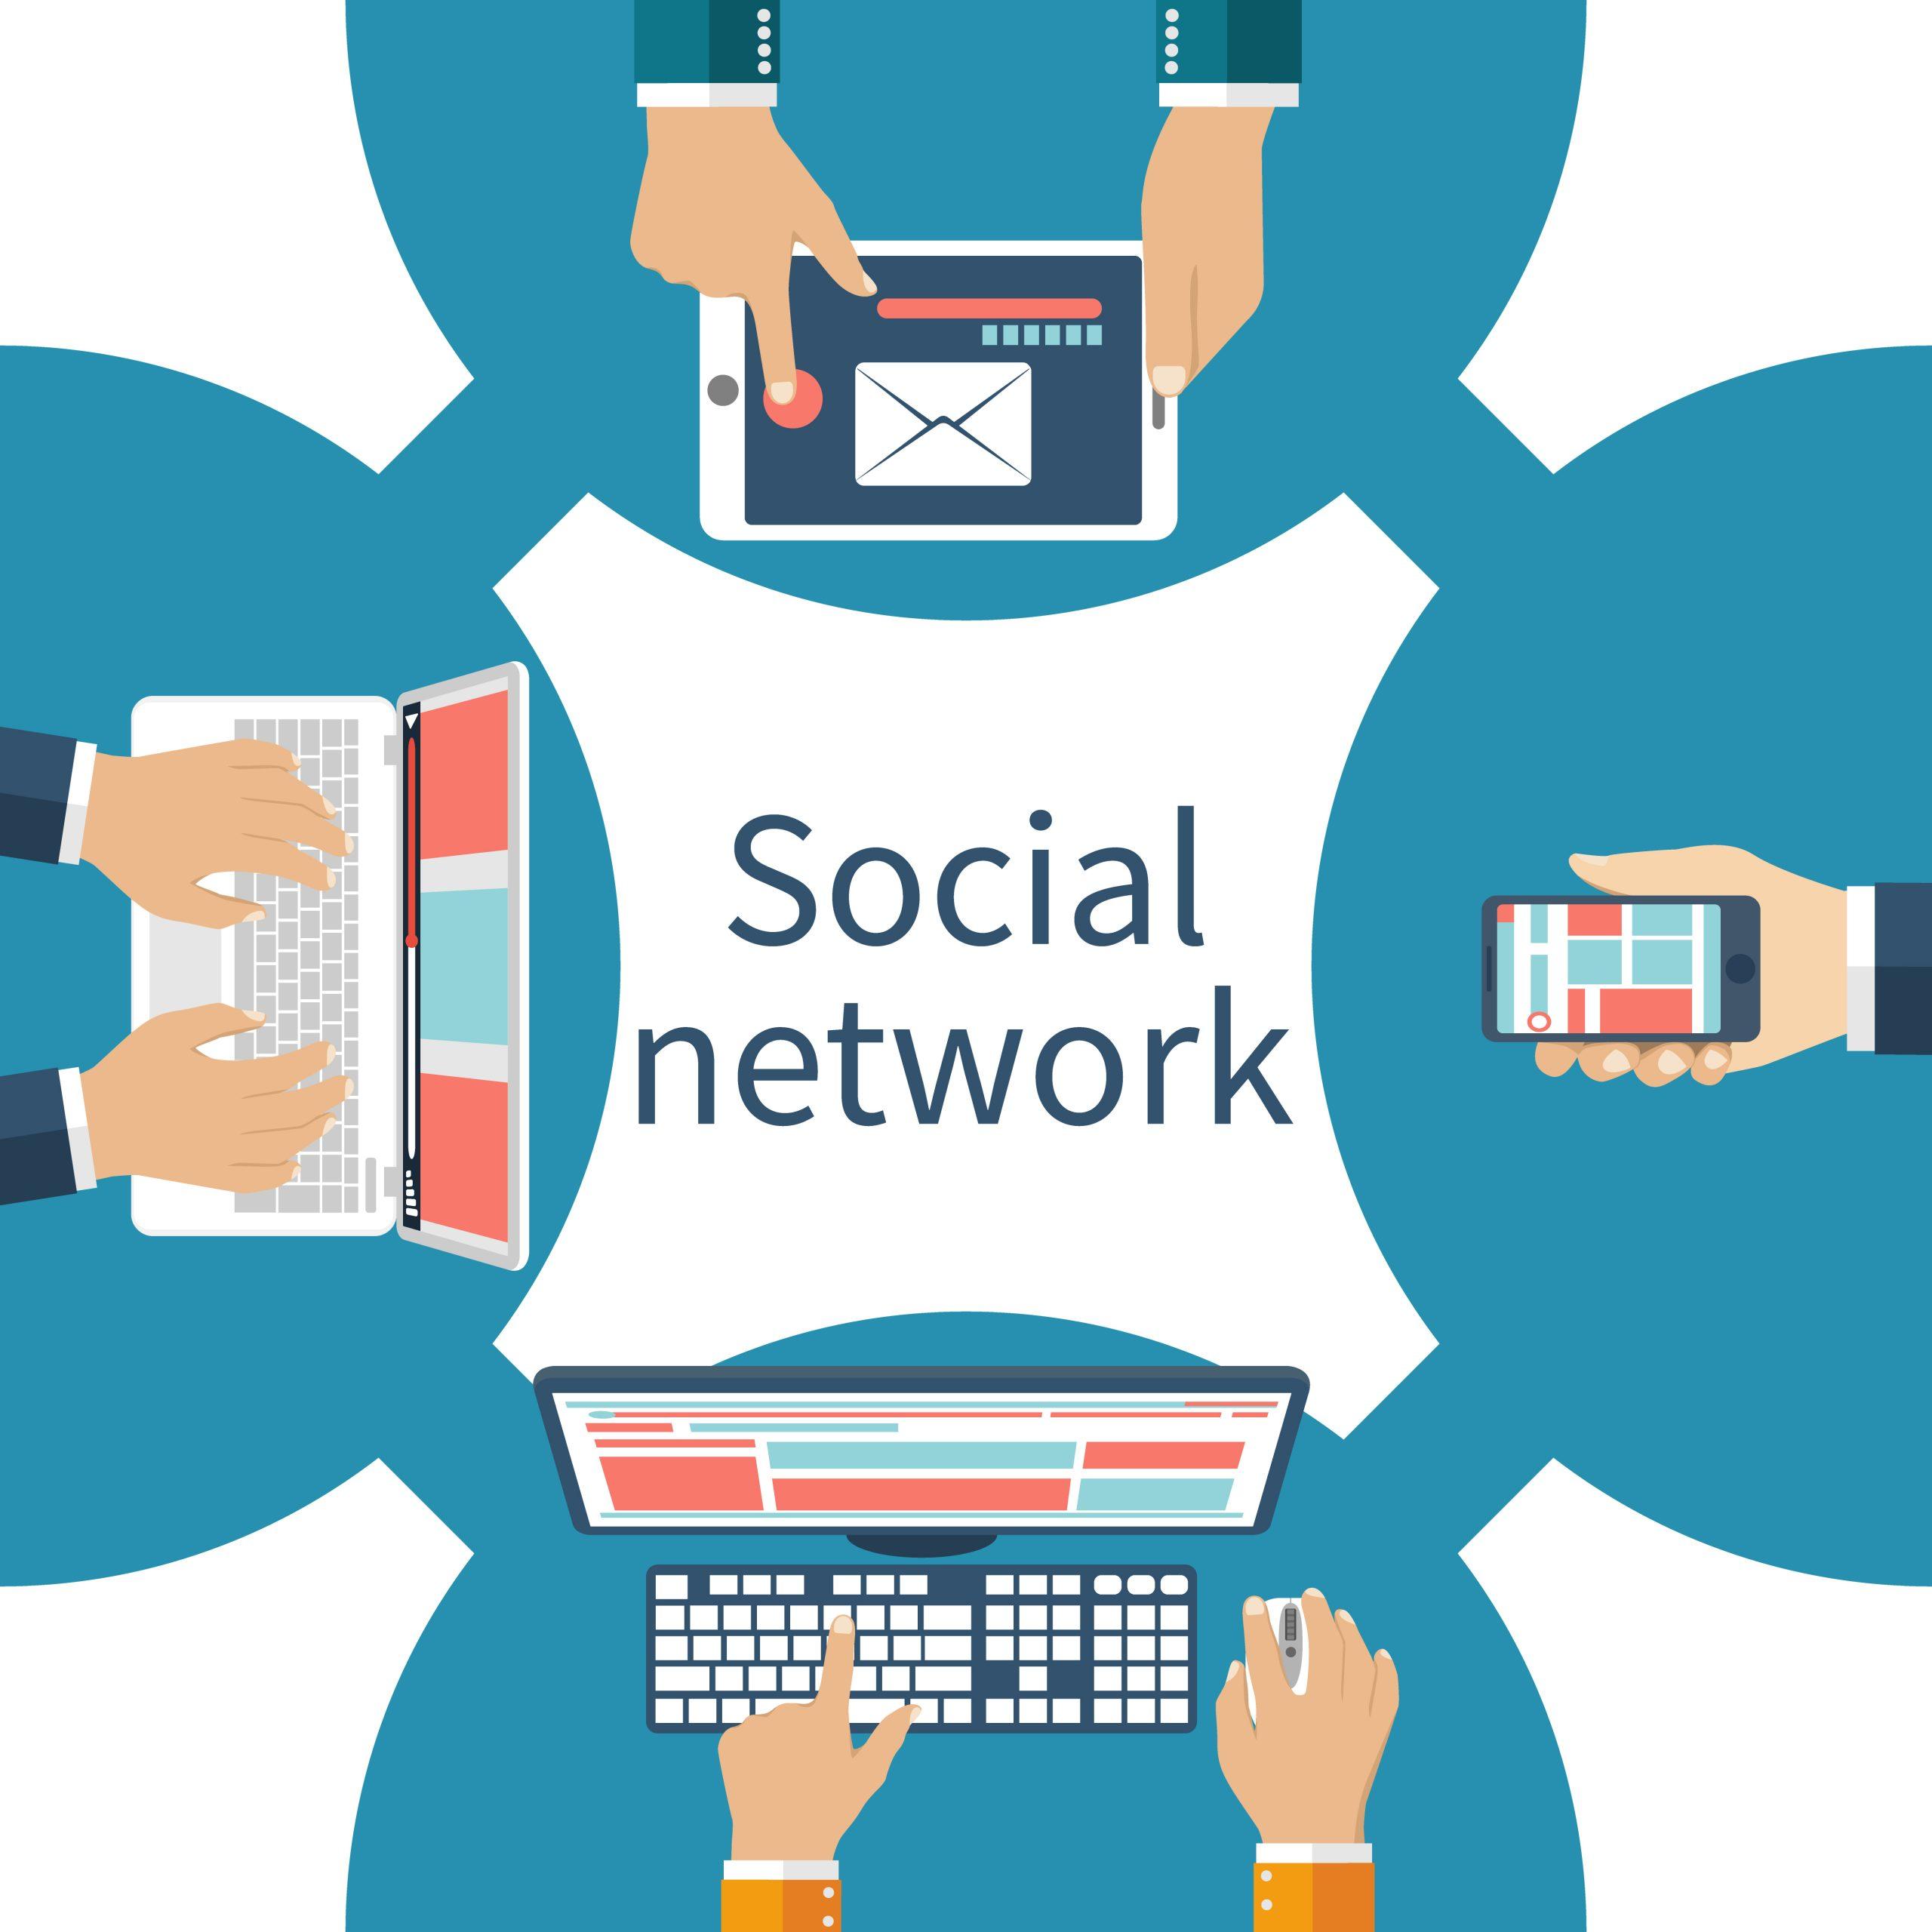 6 conseils simples pour débuter sur les Medias Sociaux - Interview Christophe Train 1